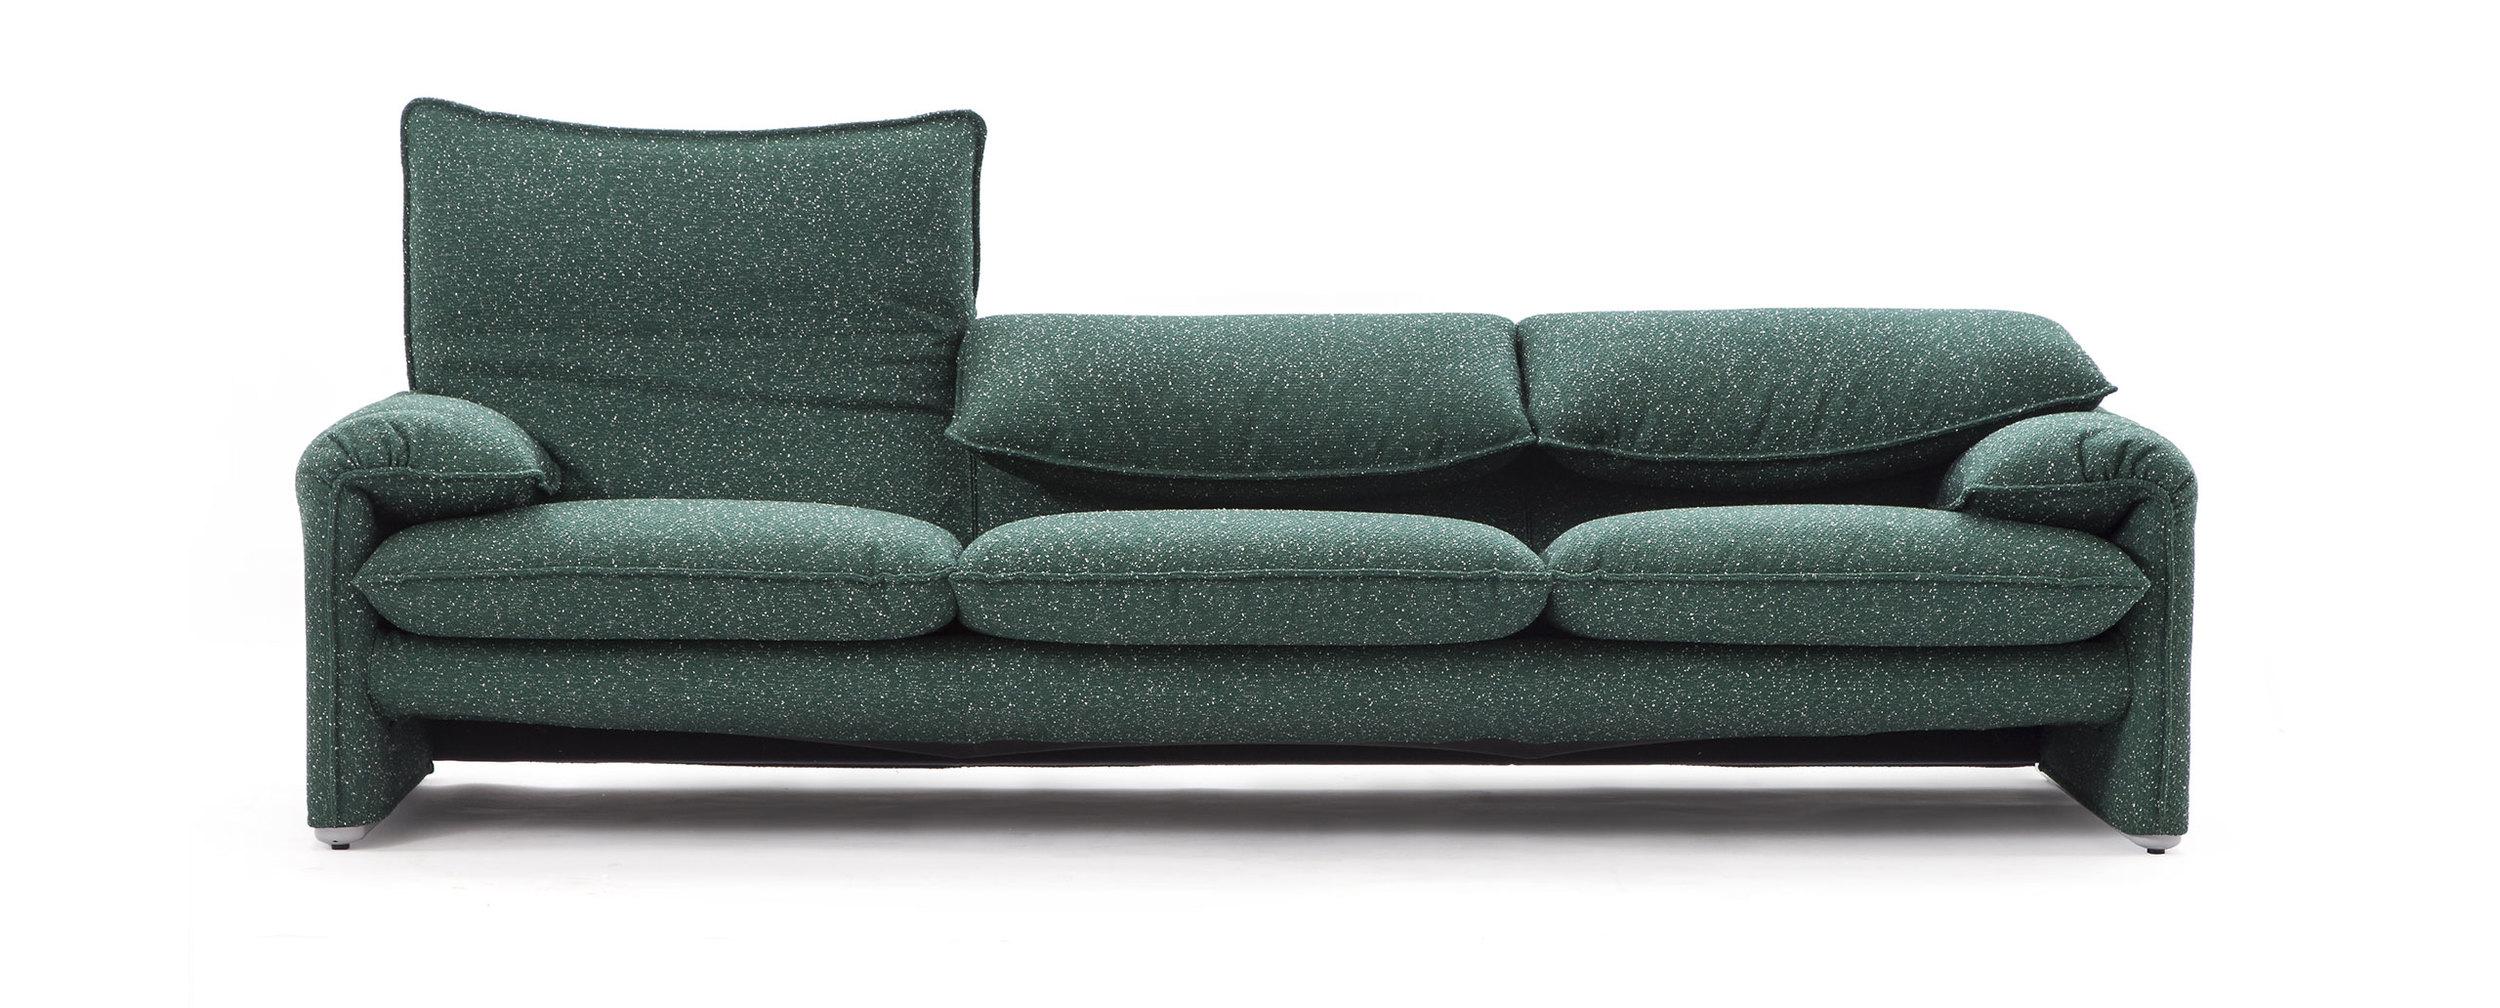 675_maralunga_40s_3 Cassina Loncin design meubel zetel Leuven Brussels mechelen antwerpen vlaams-branbant Limburg Hasselt Tongeren Genk Sint-Truiden Zoutleeuw.jpg